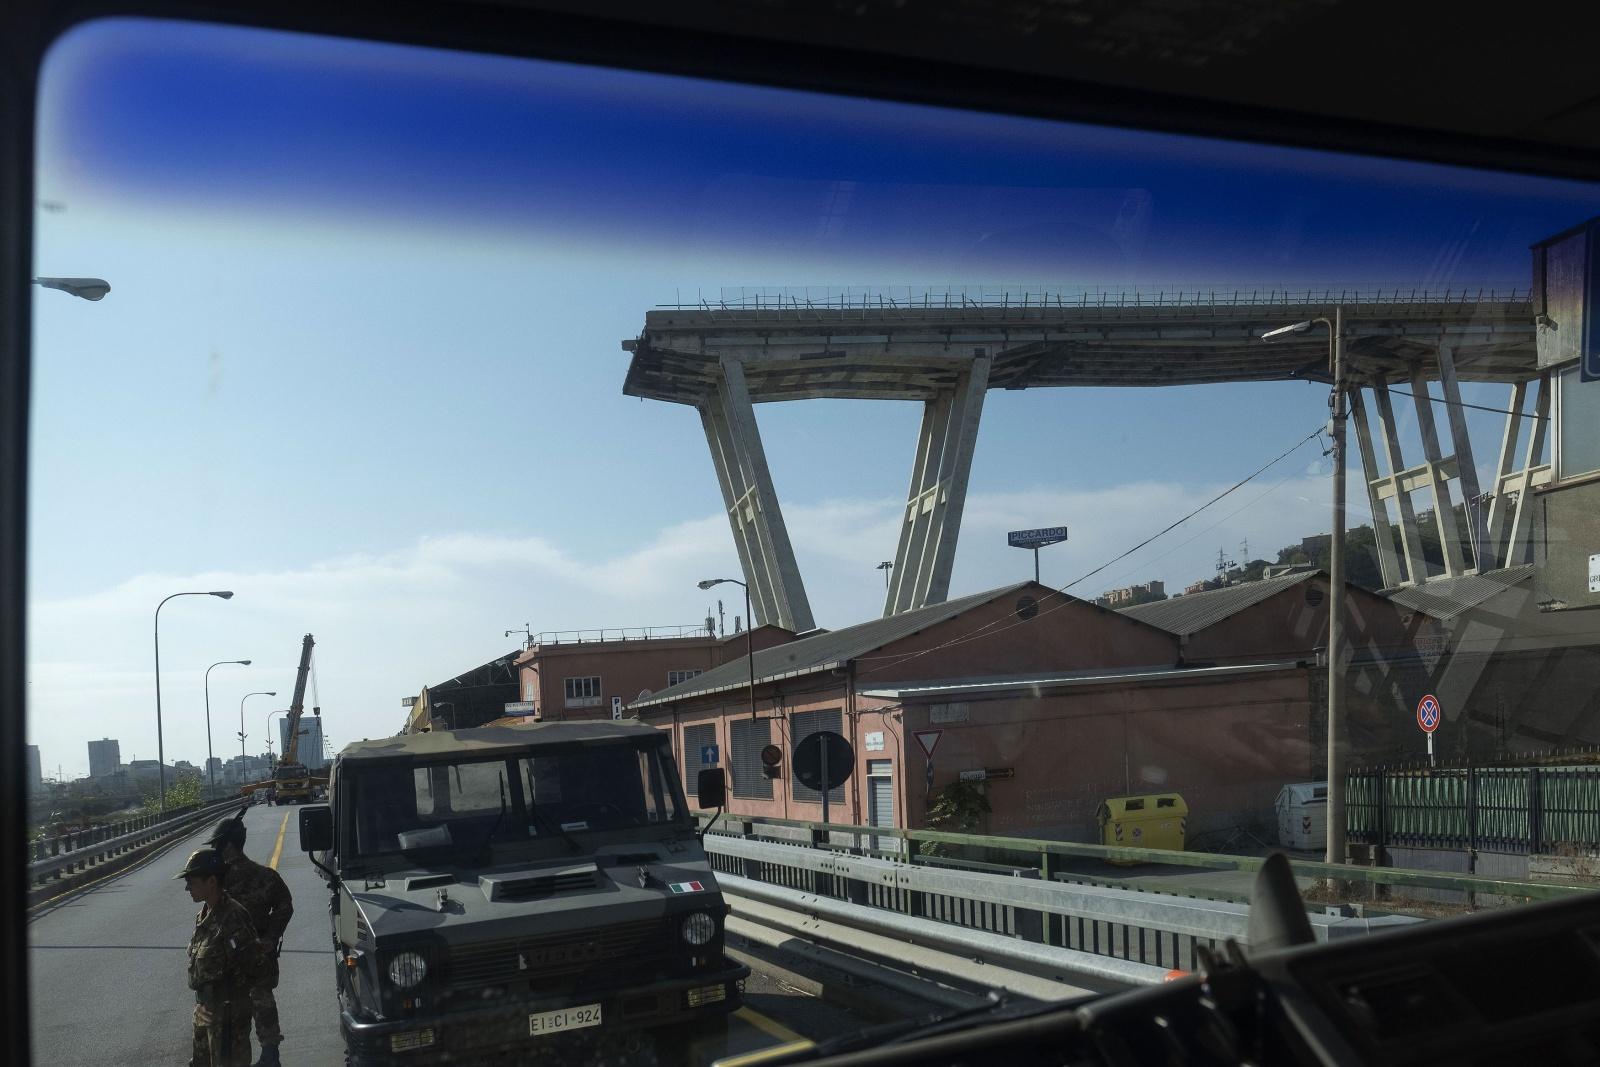 Il ponte Morandi di Genova crollato il 14 di agosto del 2018 - La zona rossa vigilata dalla Brigate Taurinense degli Alpini